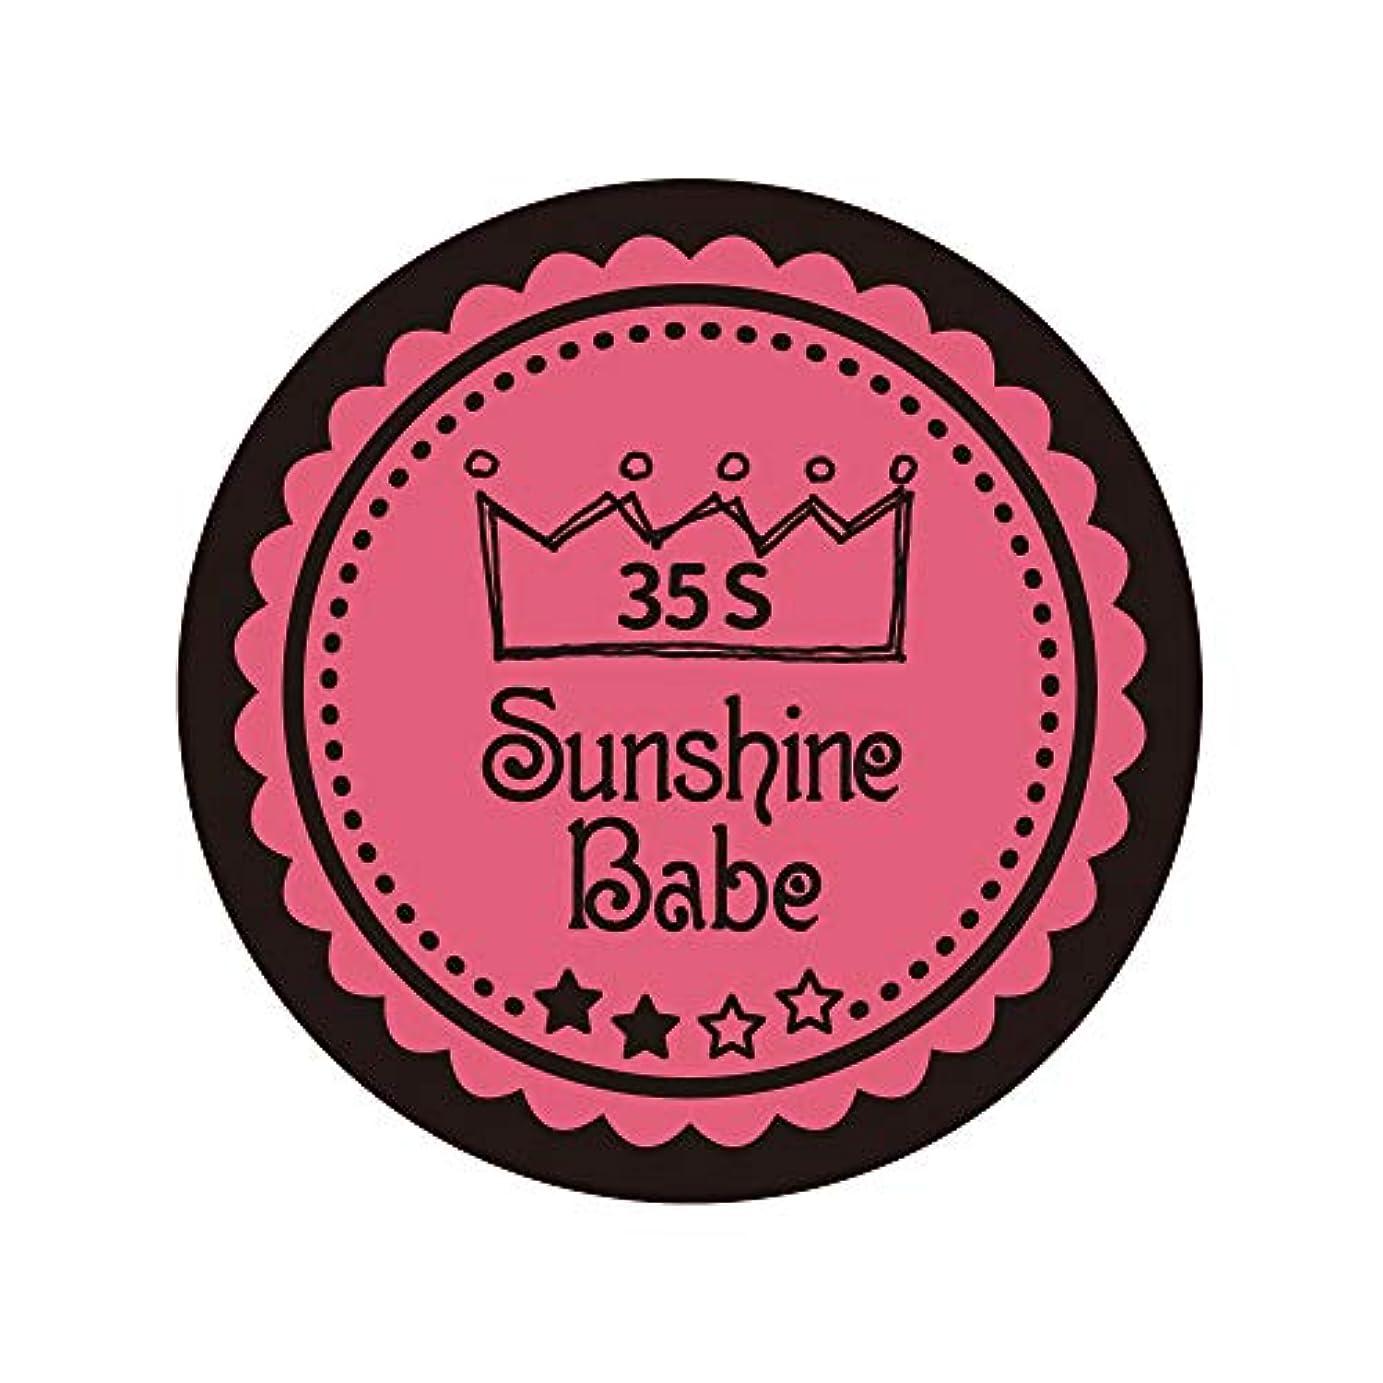 深い救いグリーンバックSunshine Babe カラージェル 35S ローズピンク 4g UV/LED対応